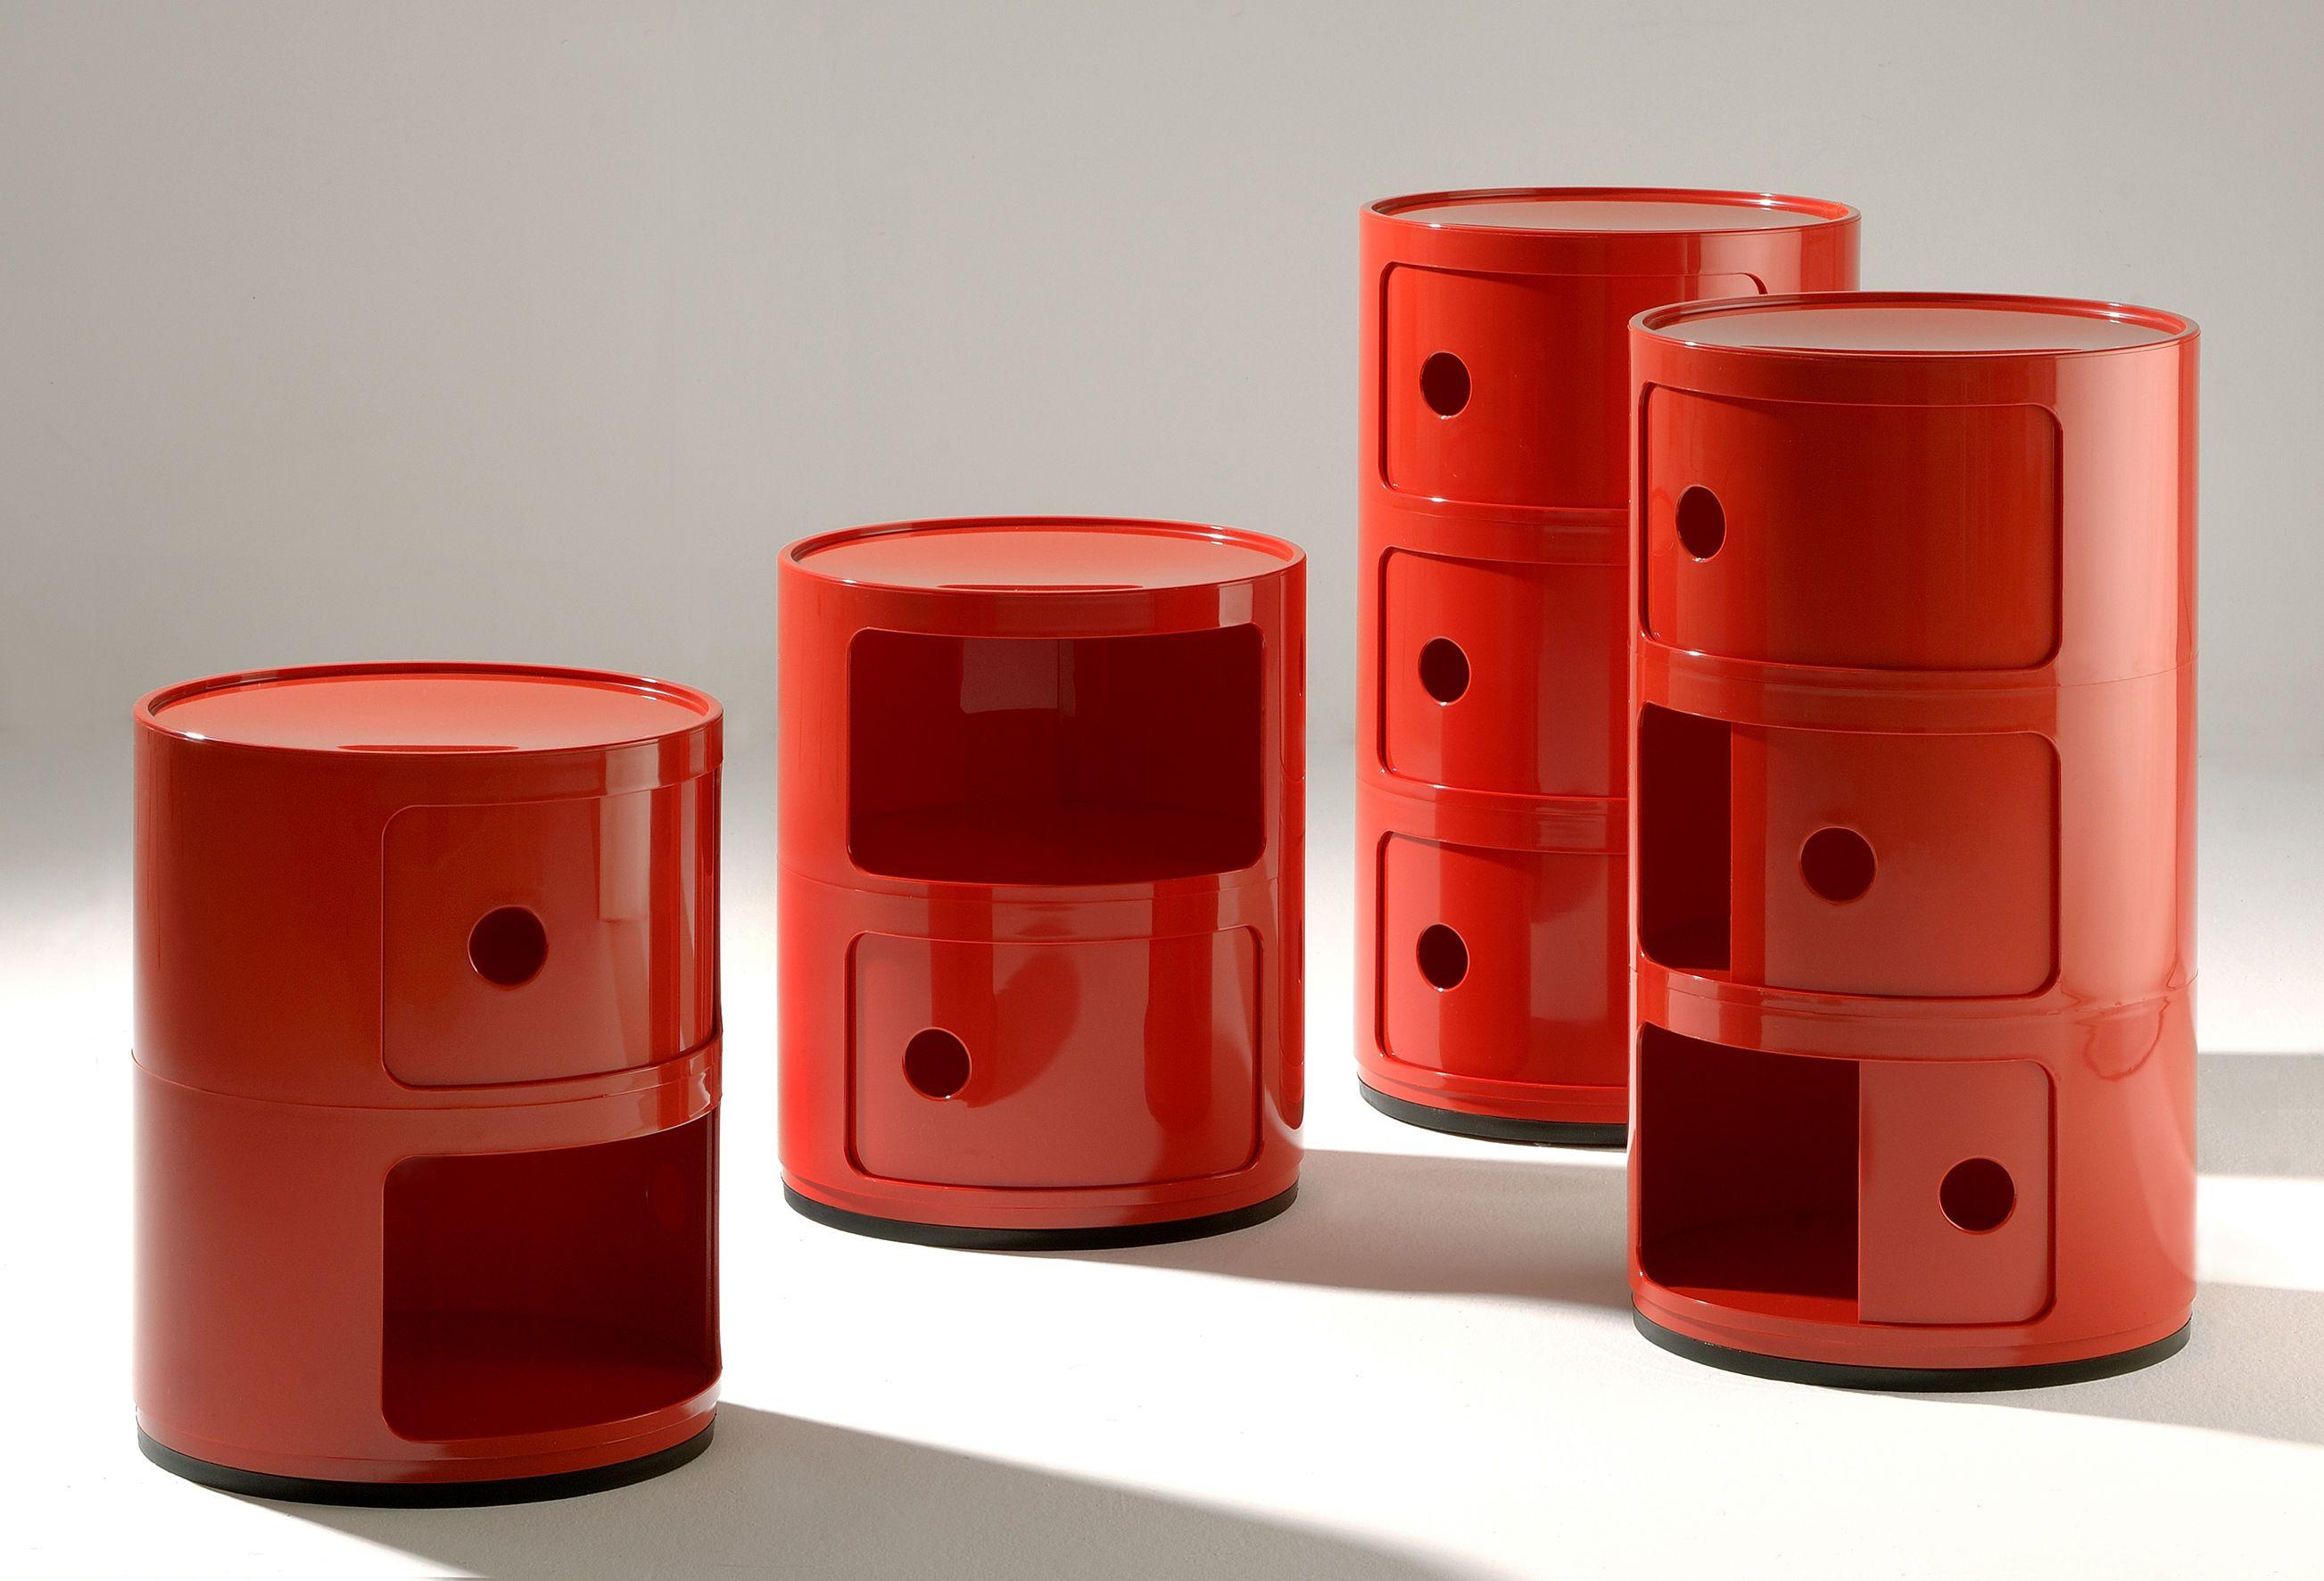 Table De Chevet Componibili rangement componibili / 2 tiroirs - h 40 cm - kartell